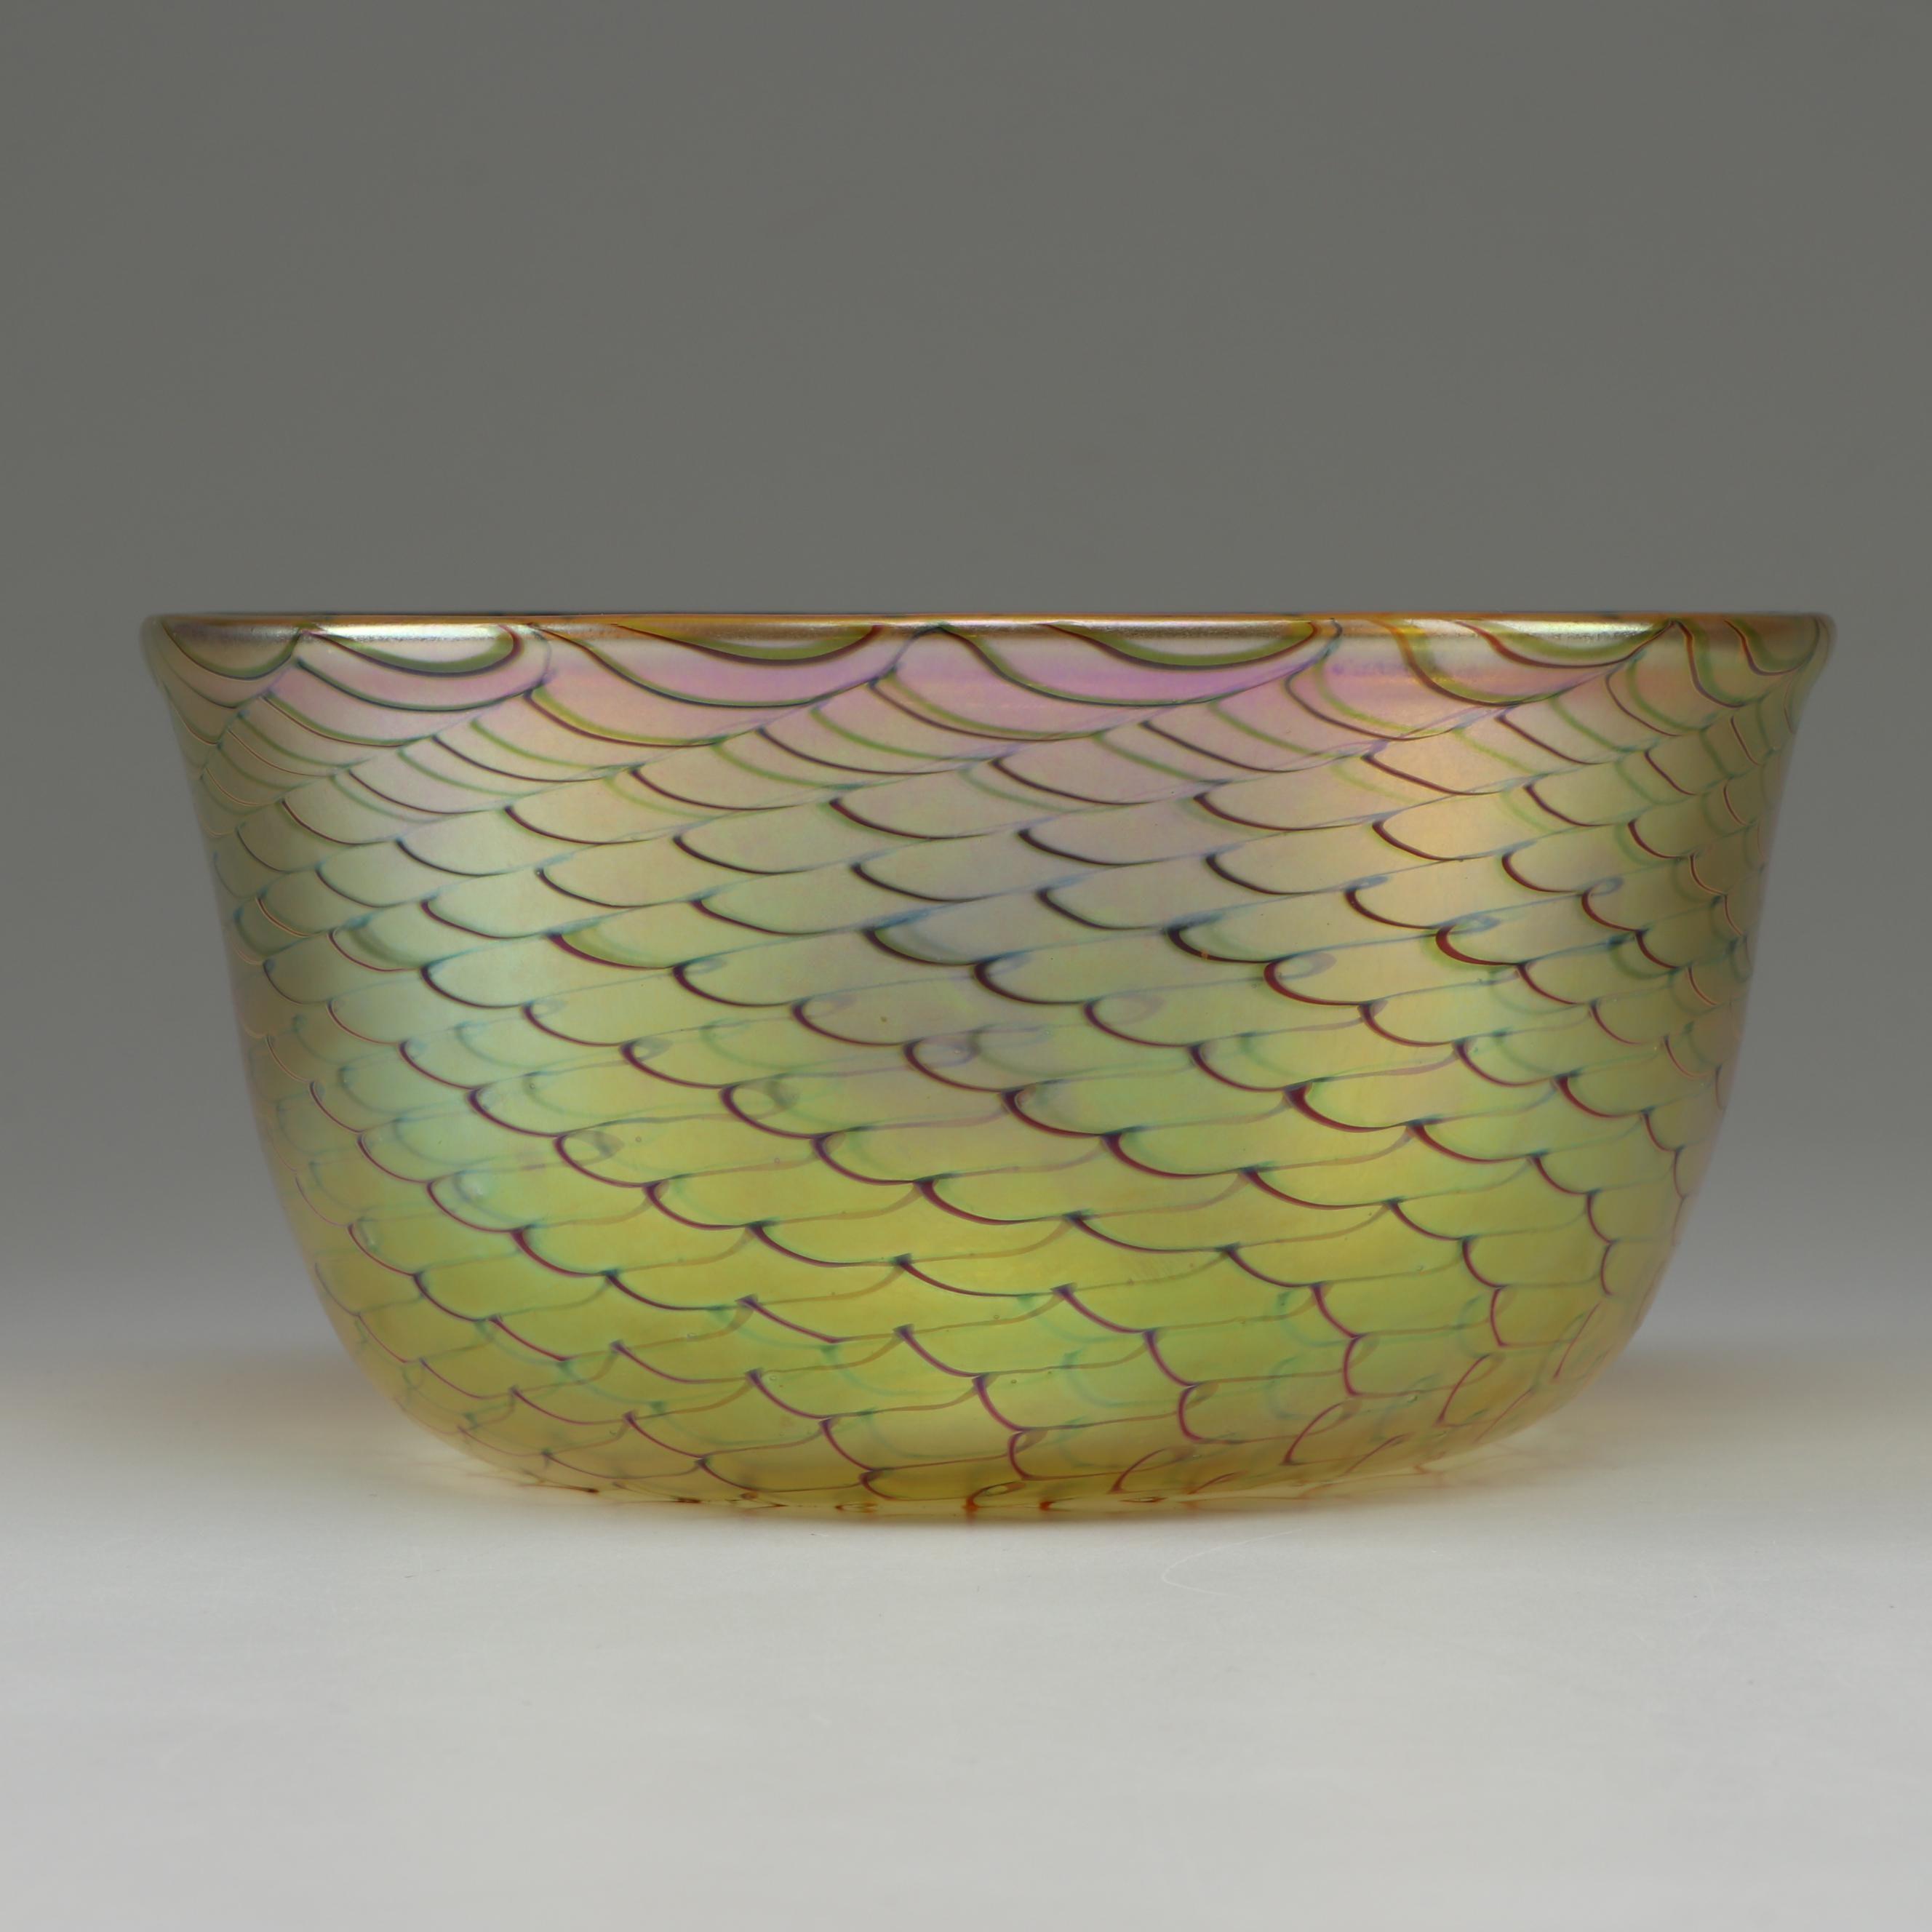 """Tiffany Studios Favrile """"Gold Lustre"""" Glass Bowl, circa 1900"""